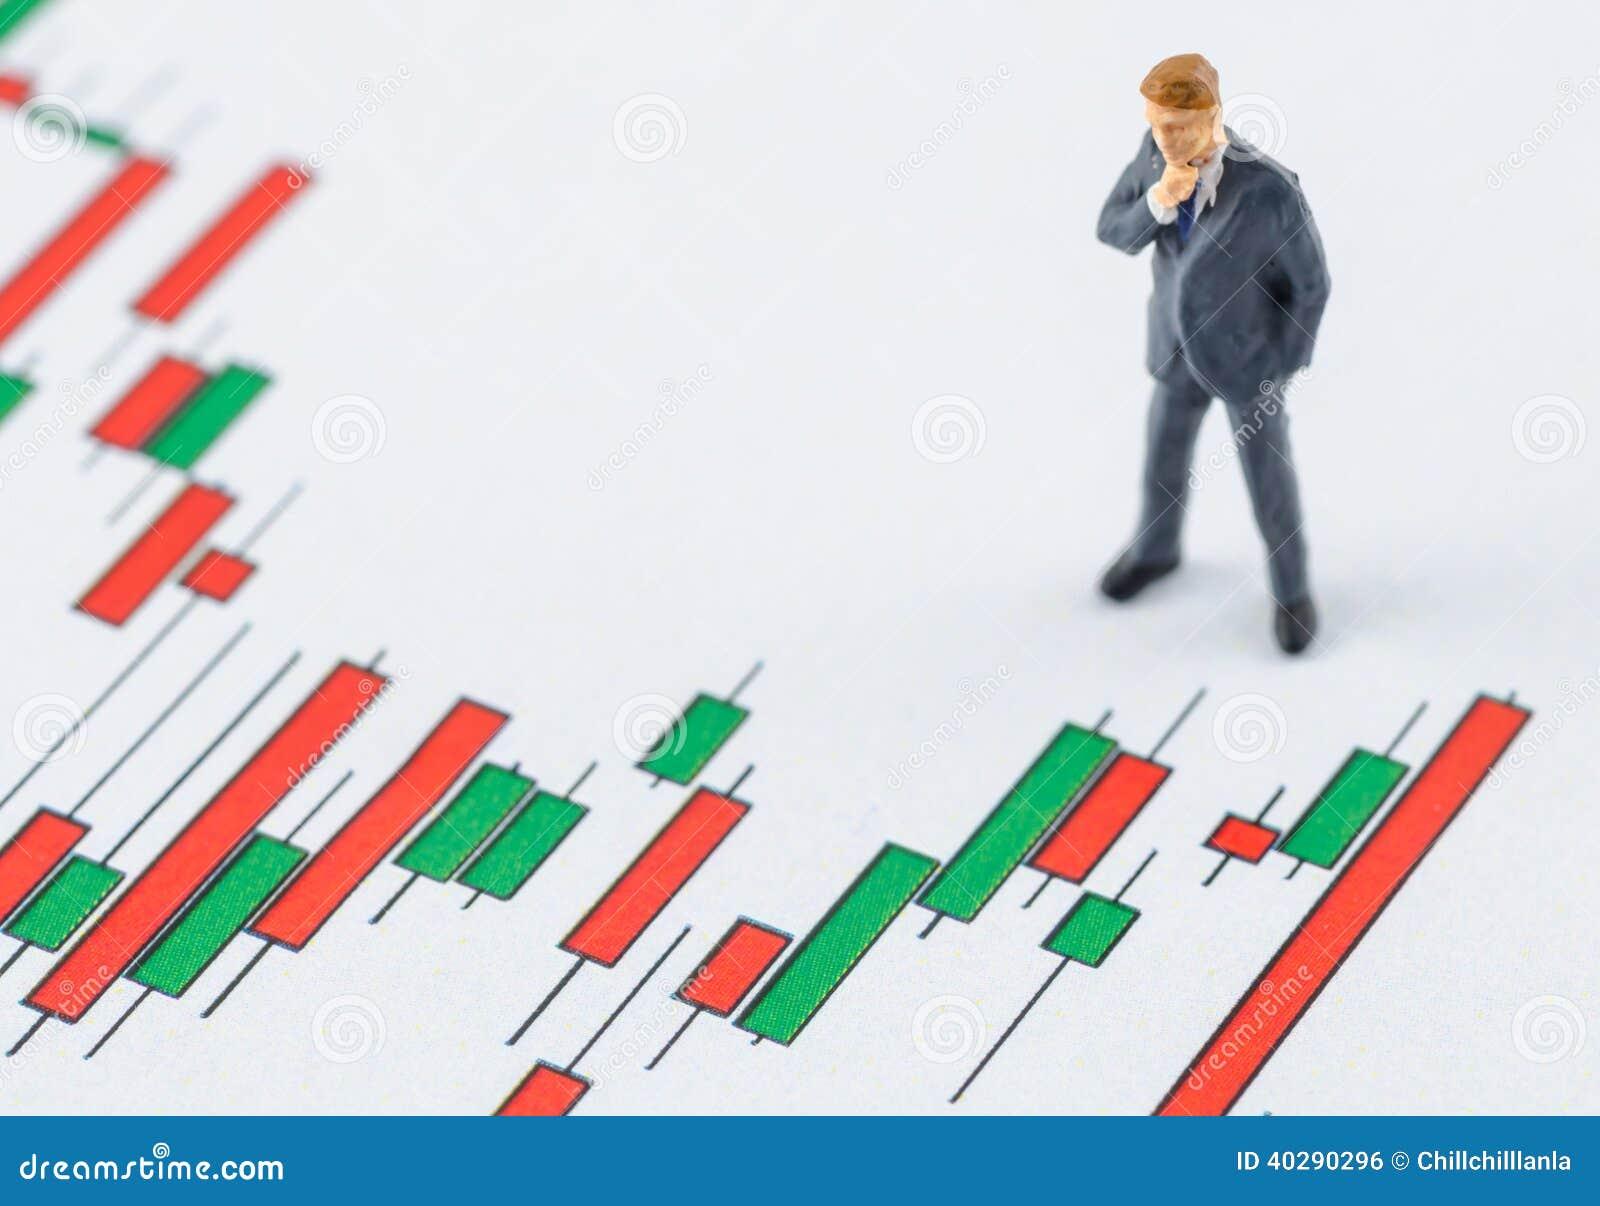 Бизнесмен стоя на графике состояния запасов подсвечника